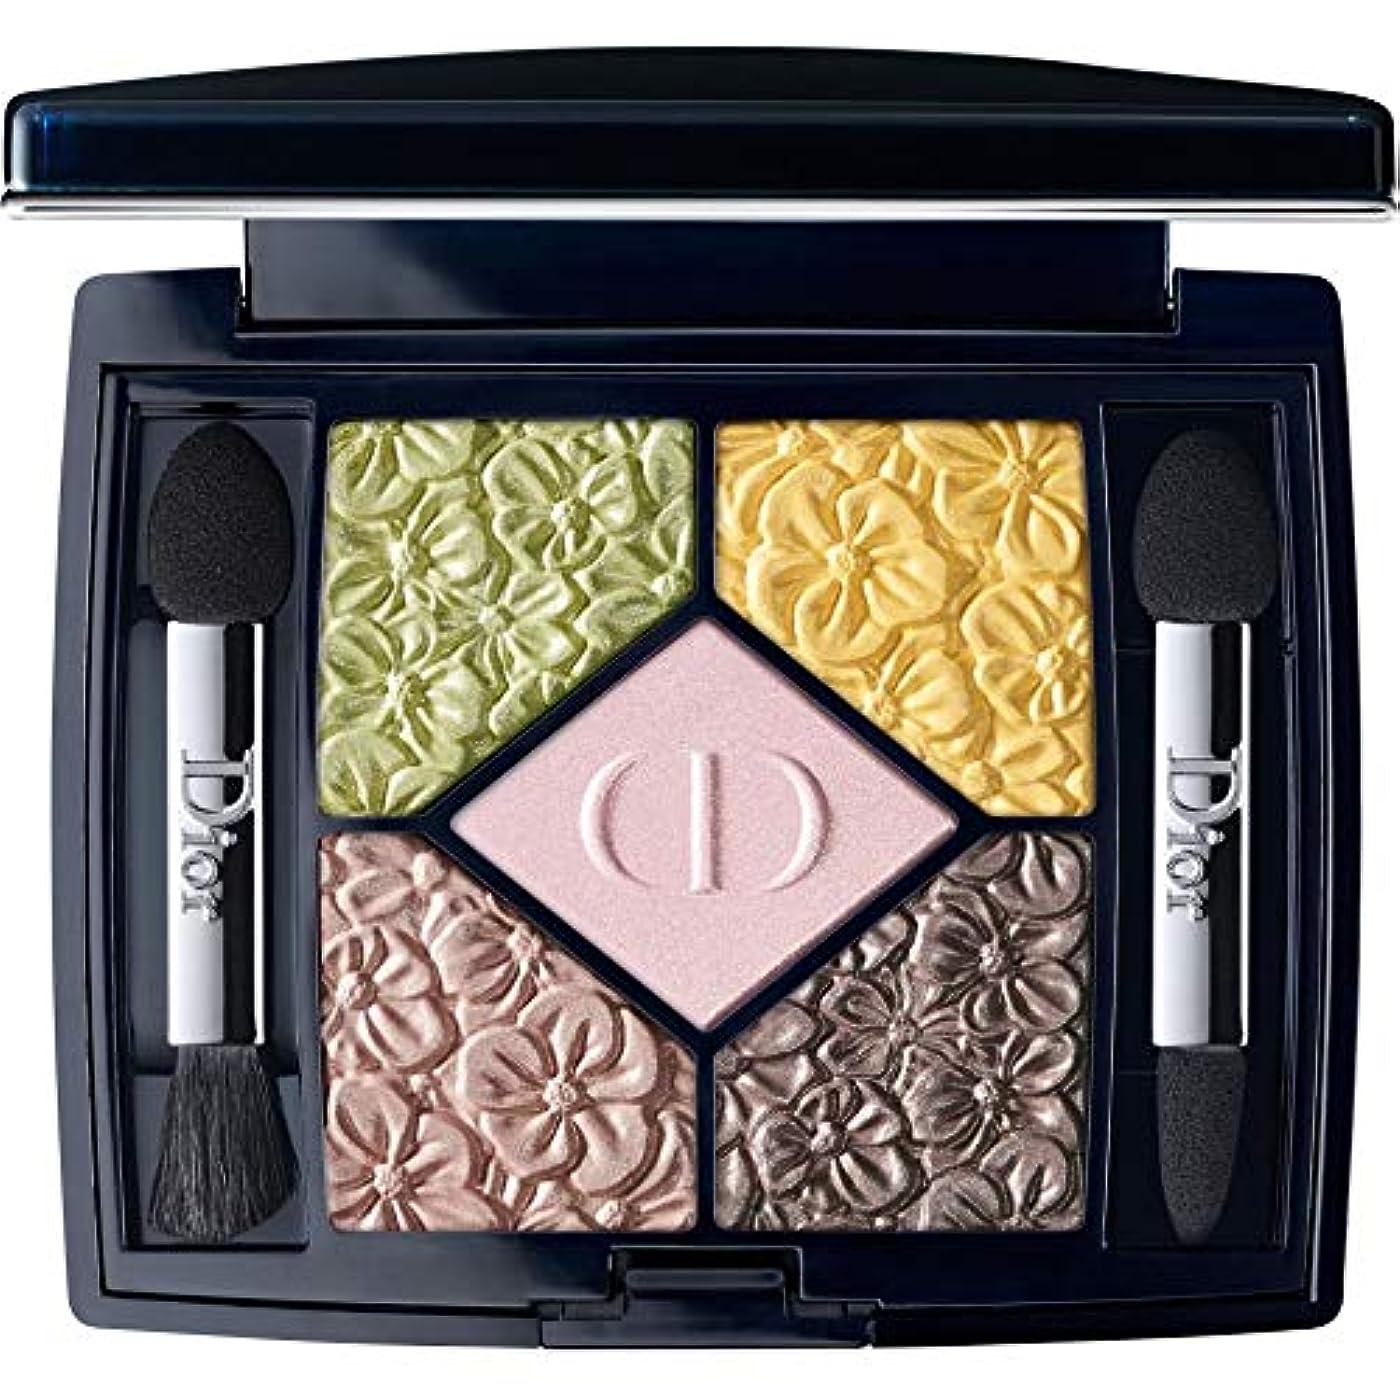 グラフエチケットセンター[Dior ] ディオールの庭園版クチュールカラー&エフェクトアイシャドウパレット4.5グラム451を輝く5 Couleursは - バラ園 - DIOR 5 Couleurs Glowing Gardens Edition...